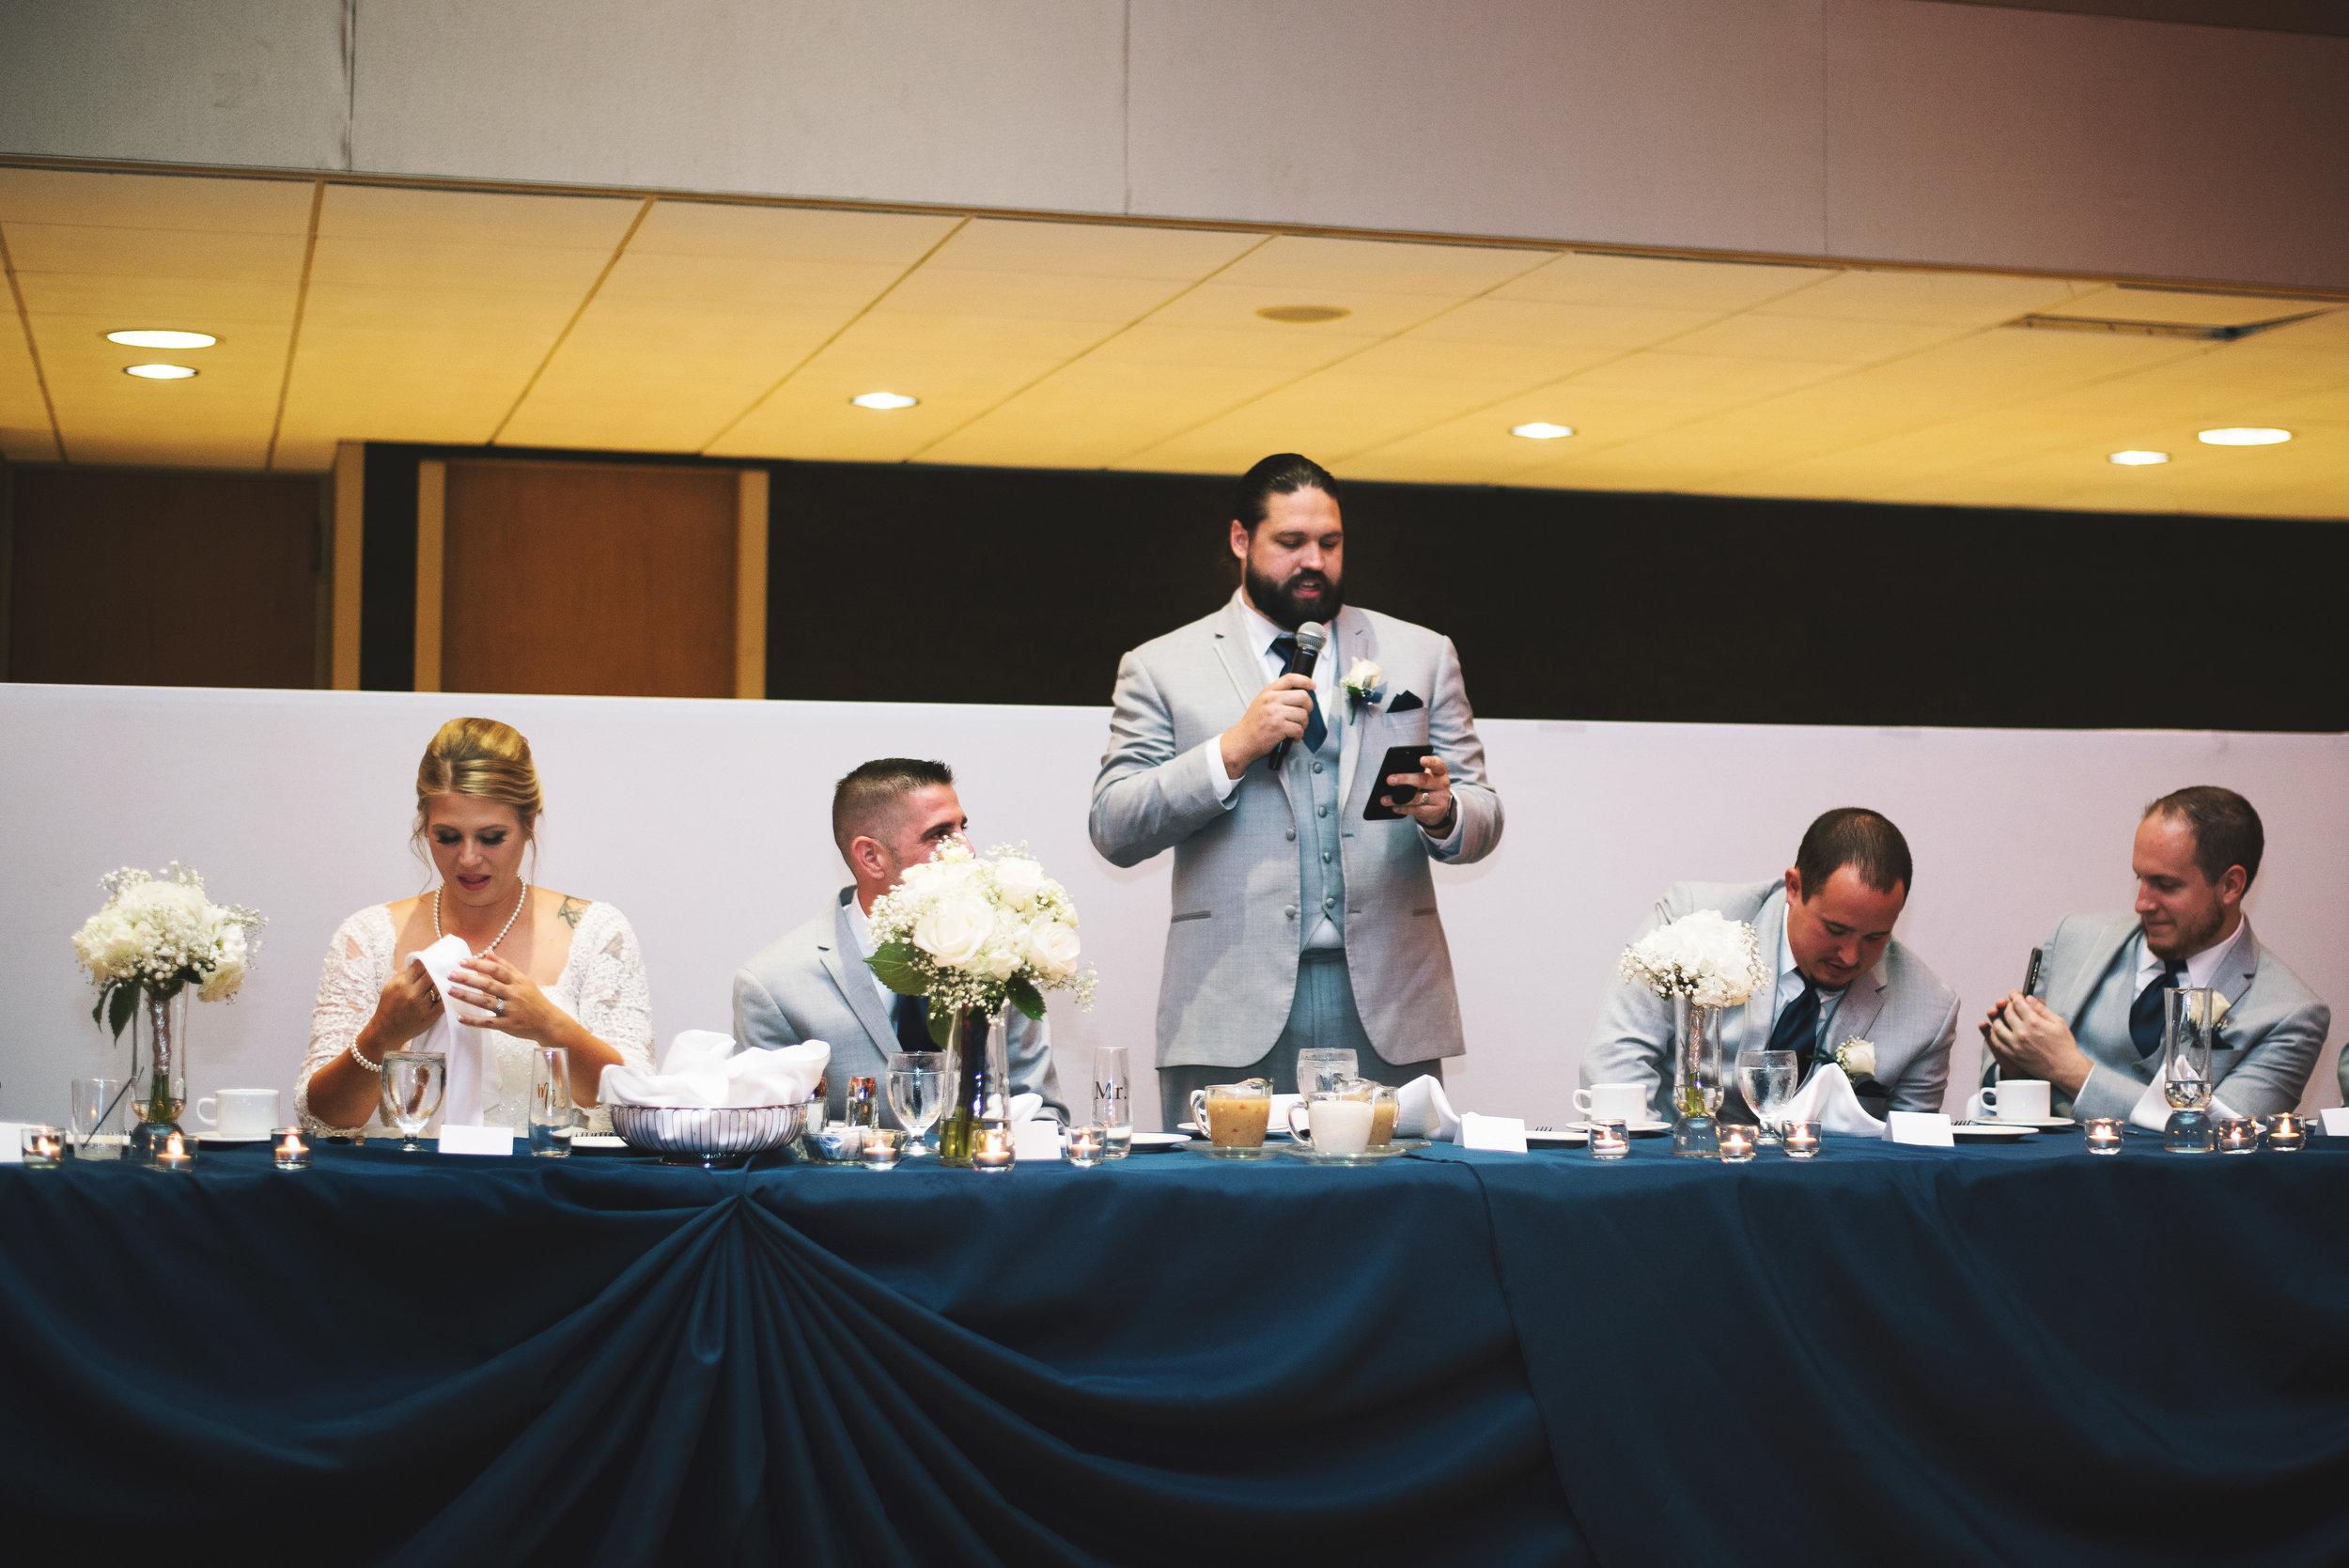 King-Northern-Illinois-University-Wedding115.jpg